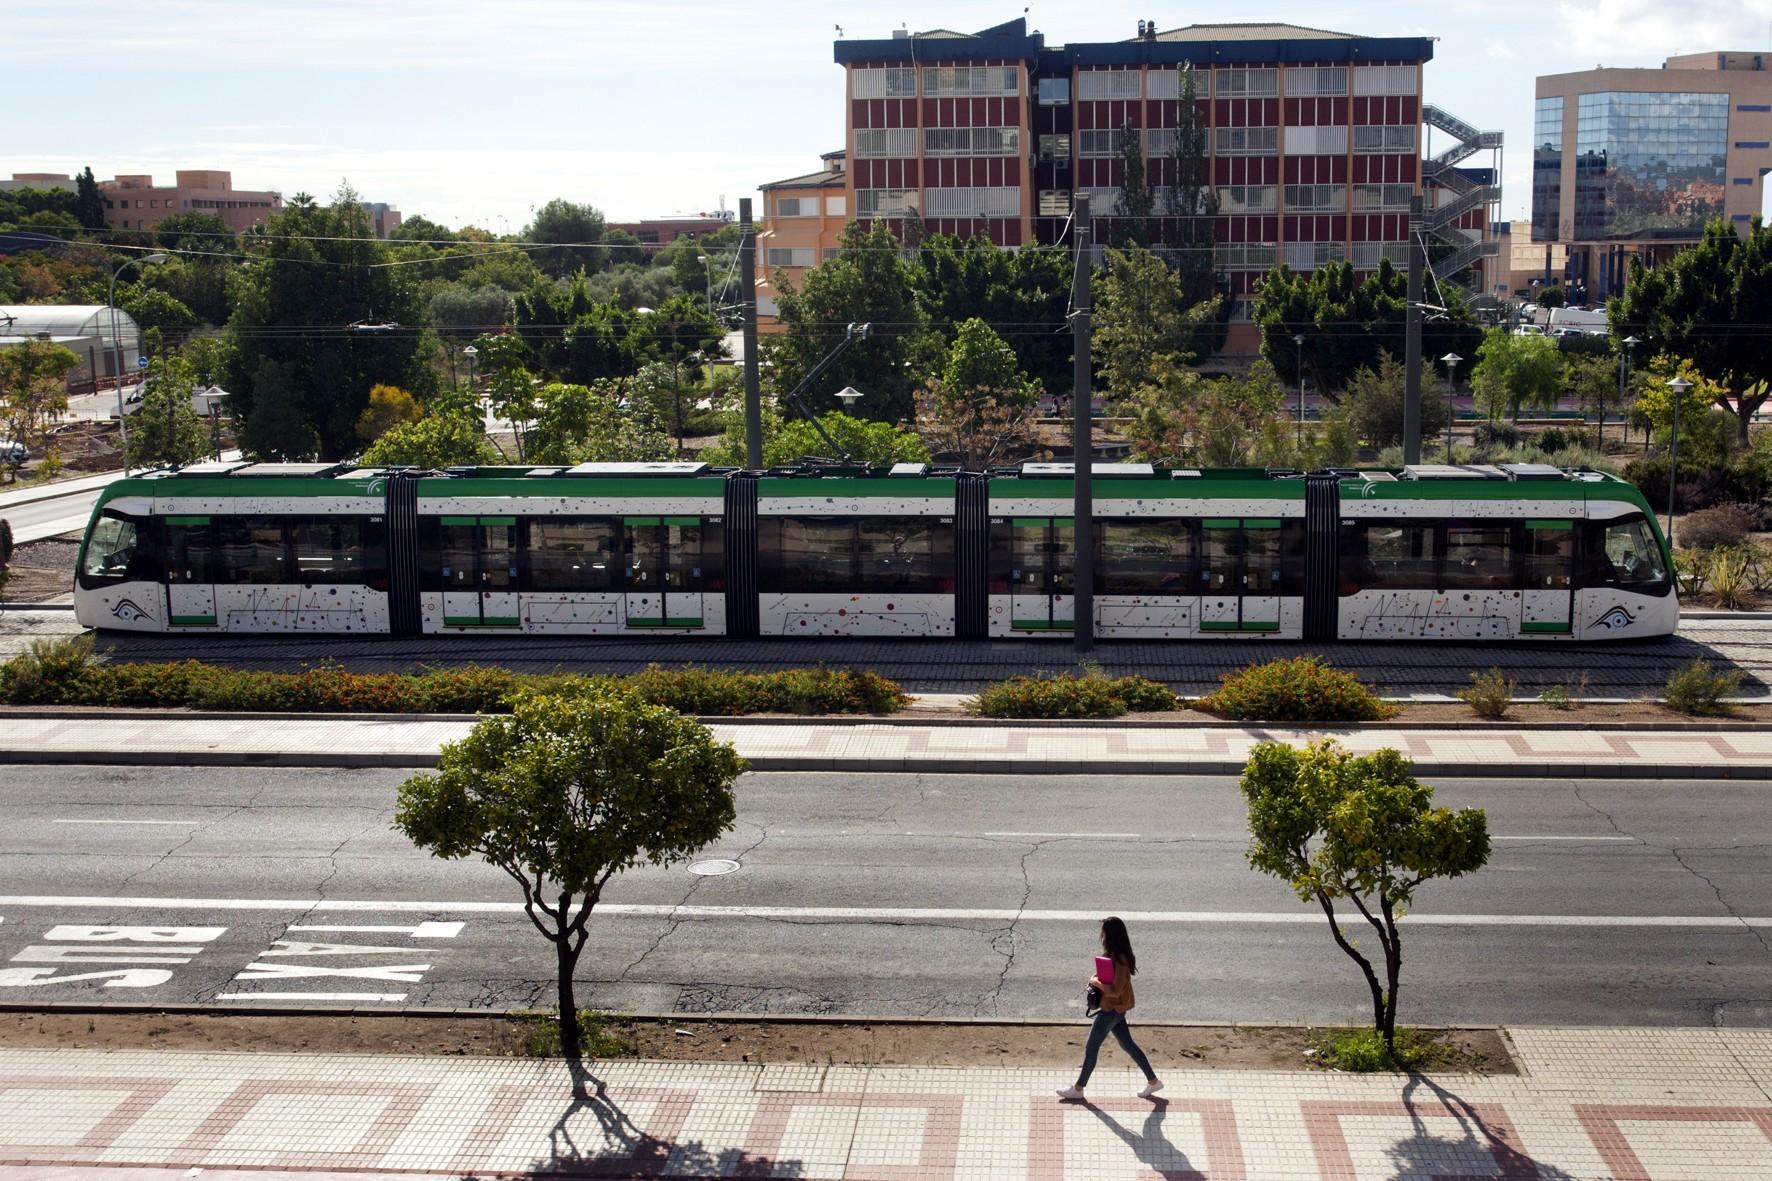 El metro de Málaga contribuye a disminuir los efectos del cambio climático.